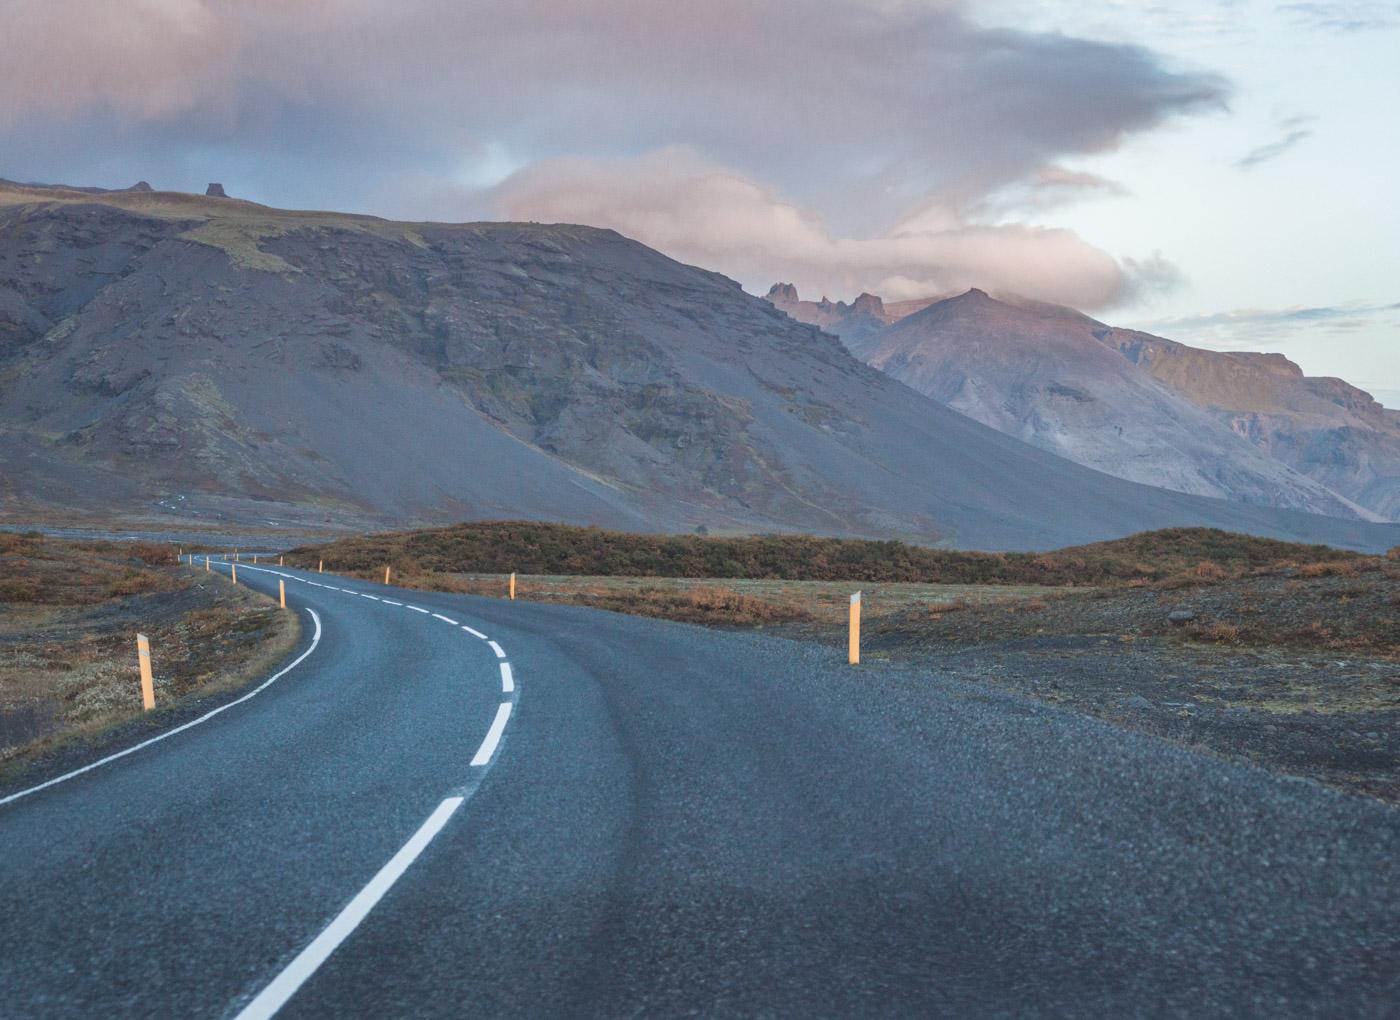 Drogi na Islandii. Wypożyczanie damochodu na Islandii.